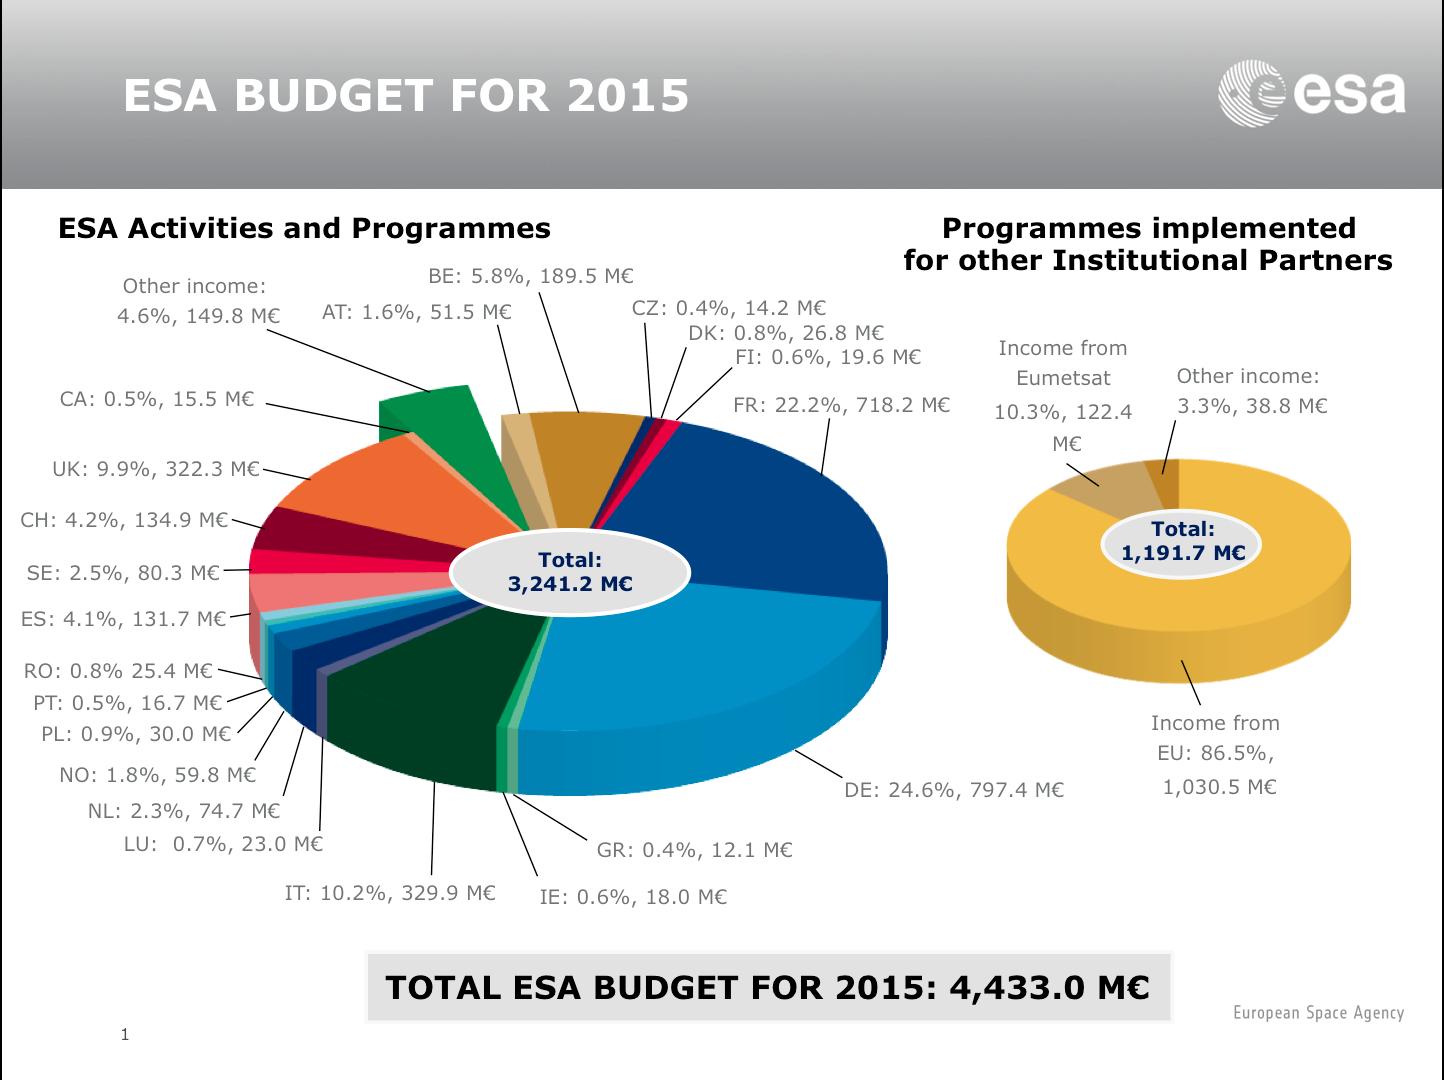 esa_budget_2015.png